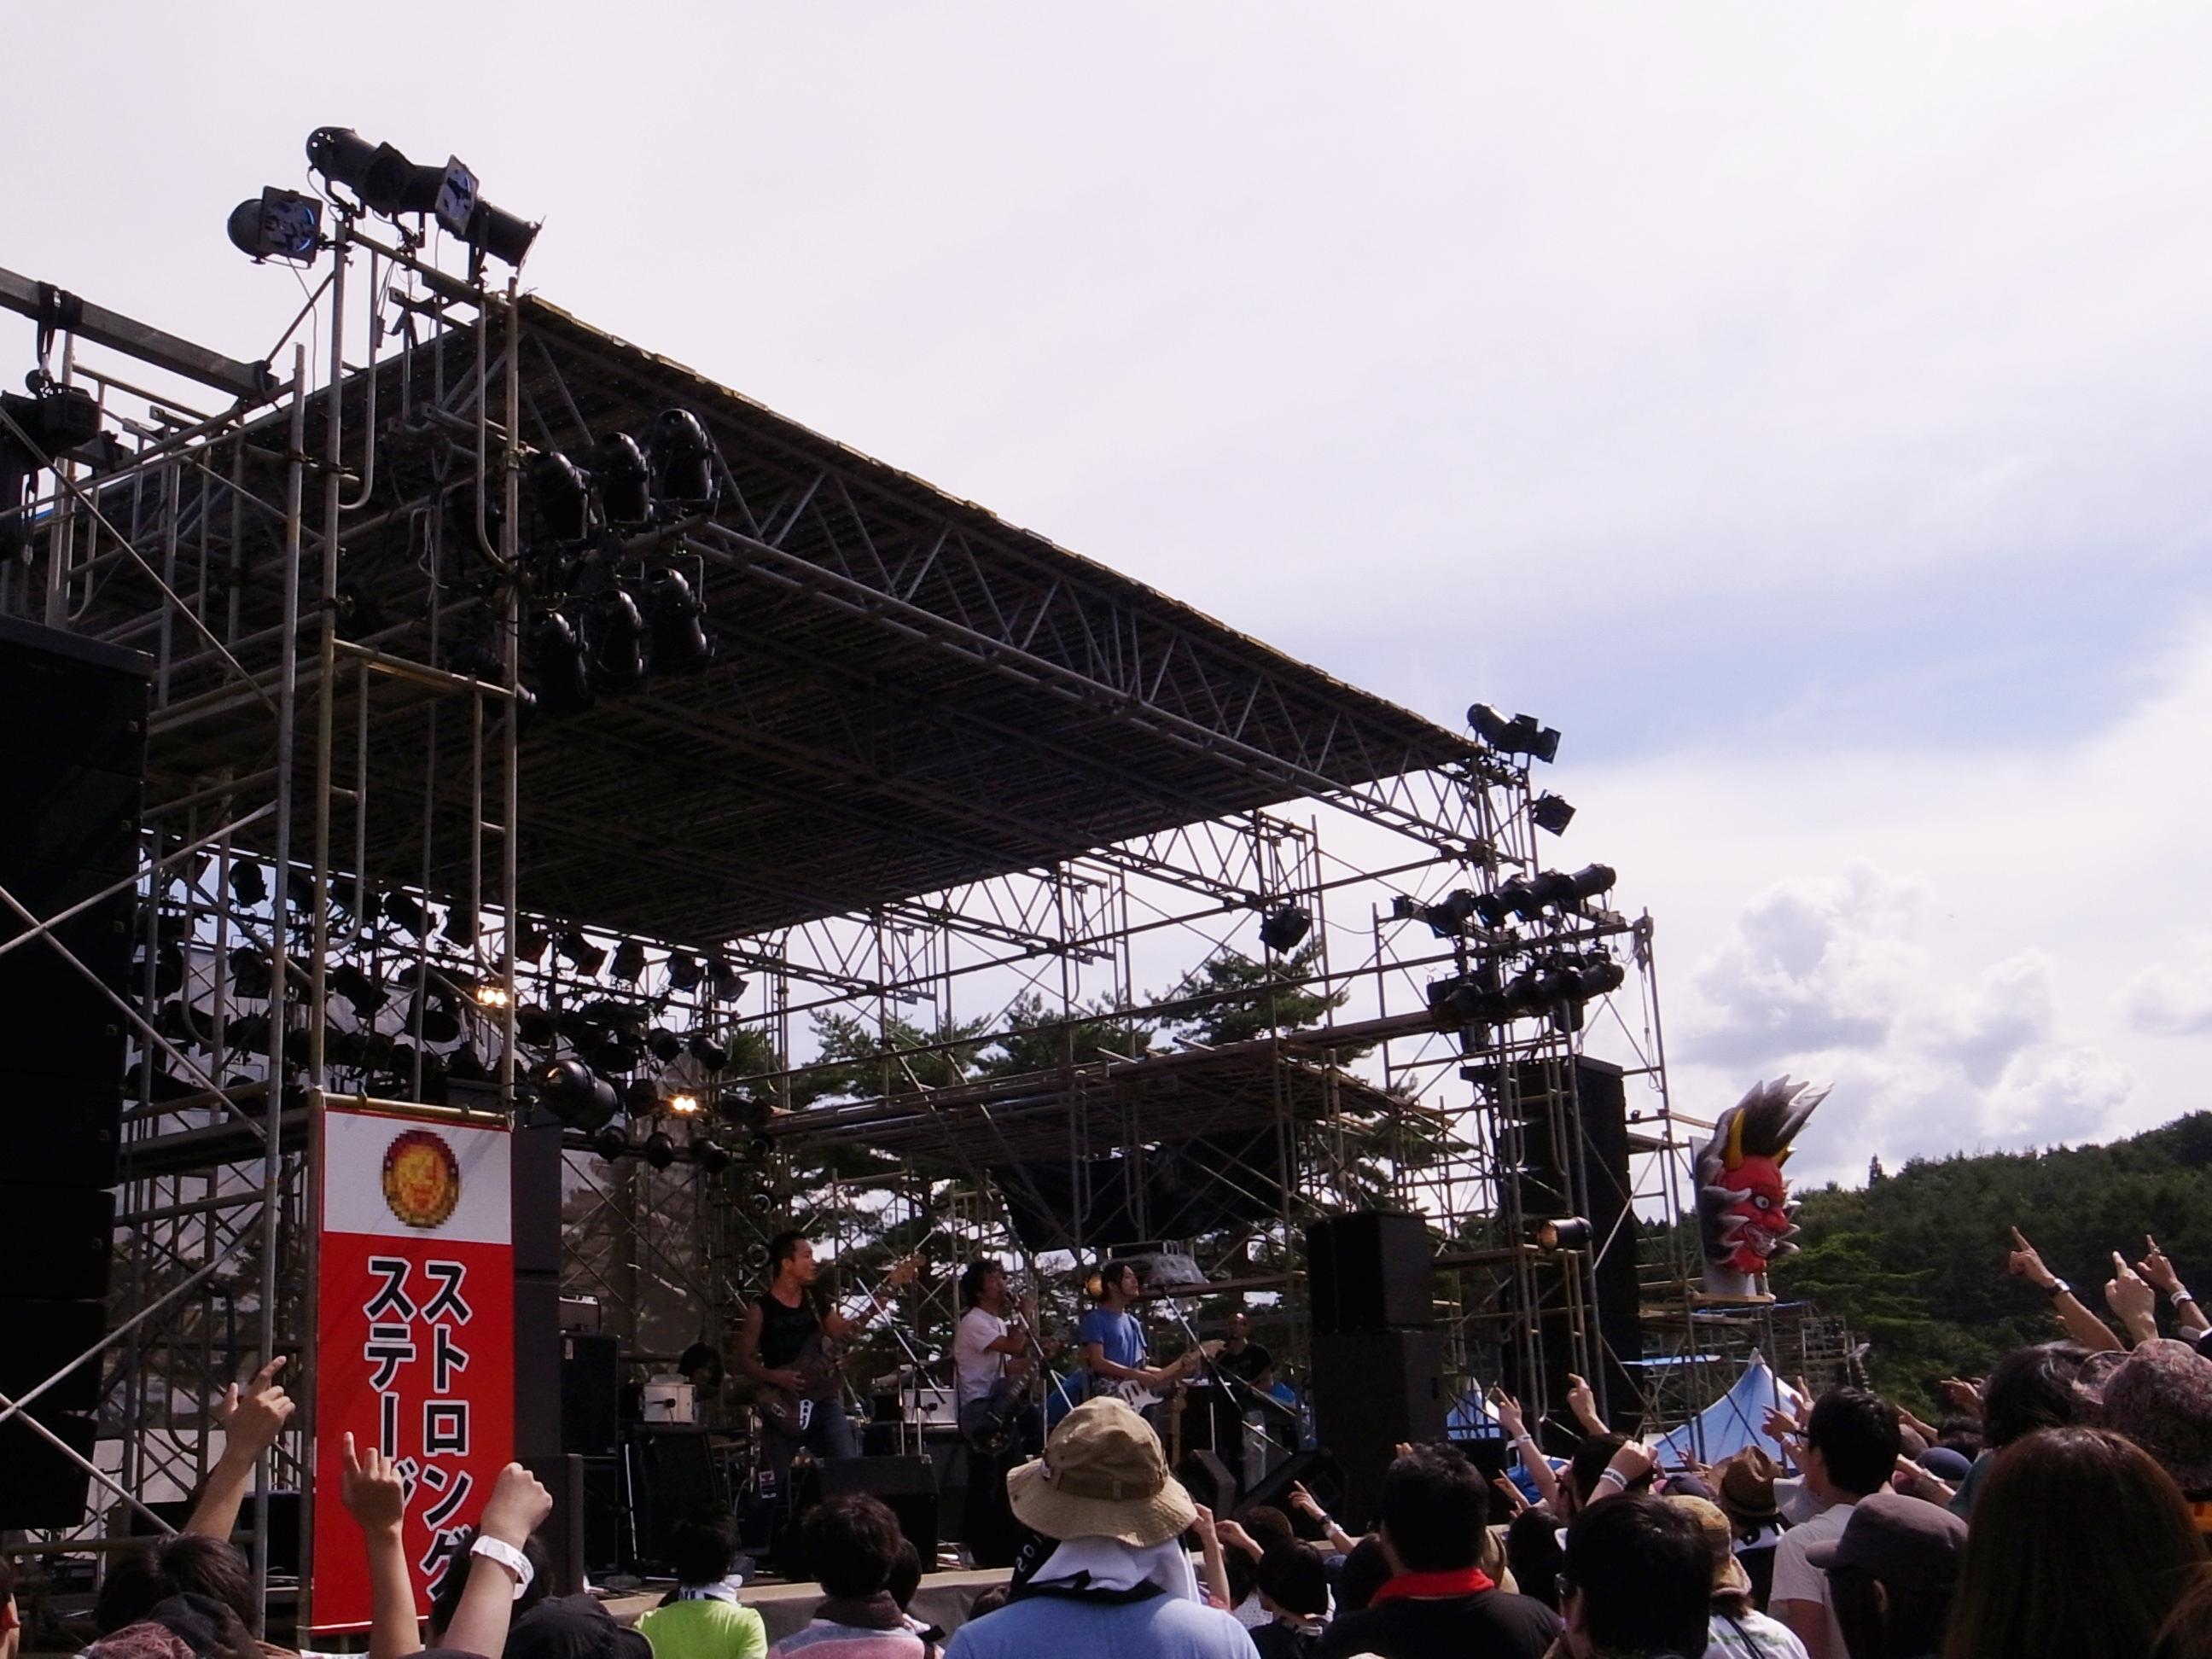 曽我部恵一BAND LIVEセットリストUPしました。9/22<AOMORI ROCK FESTIVAL'12〜夏の魔物〜>@青森 夜越山スキー場